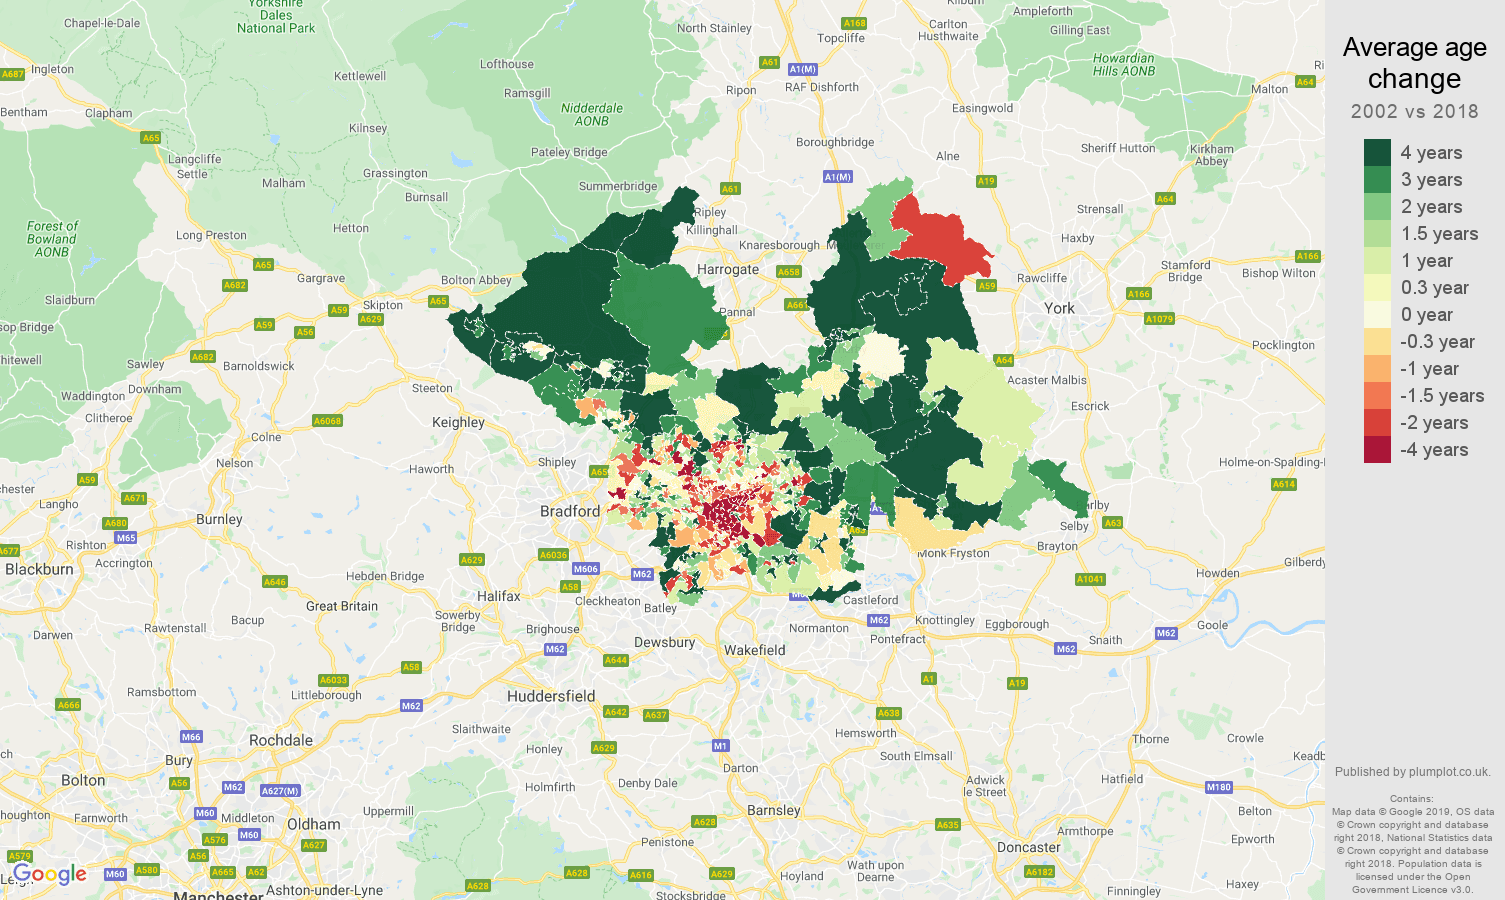 Leeds average age change map